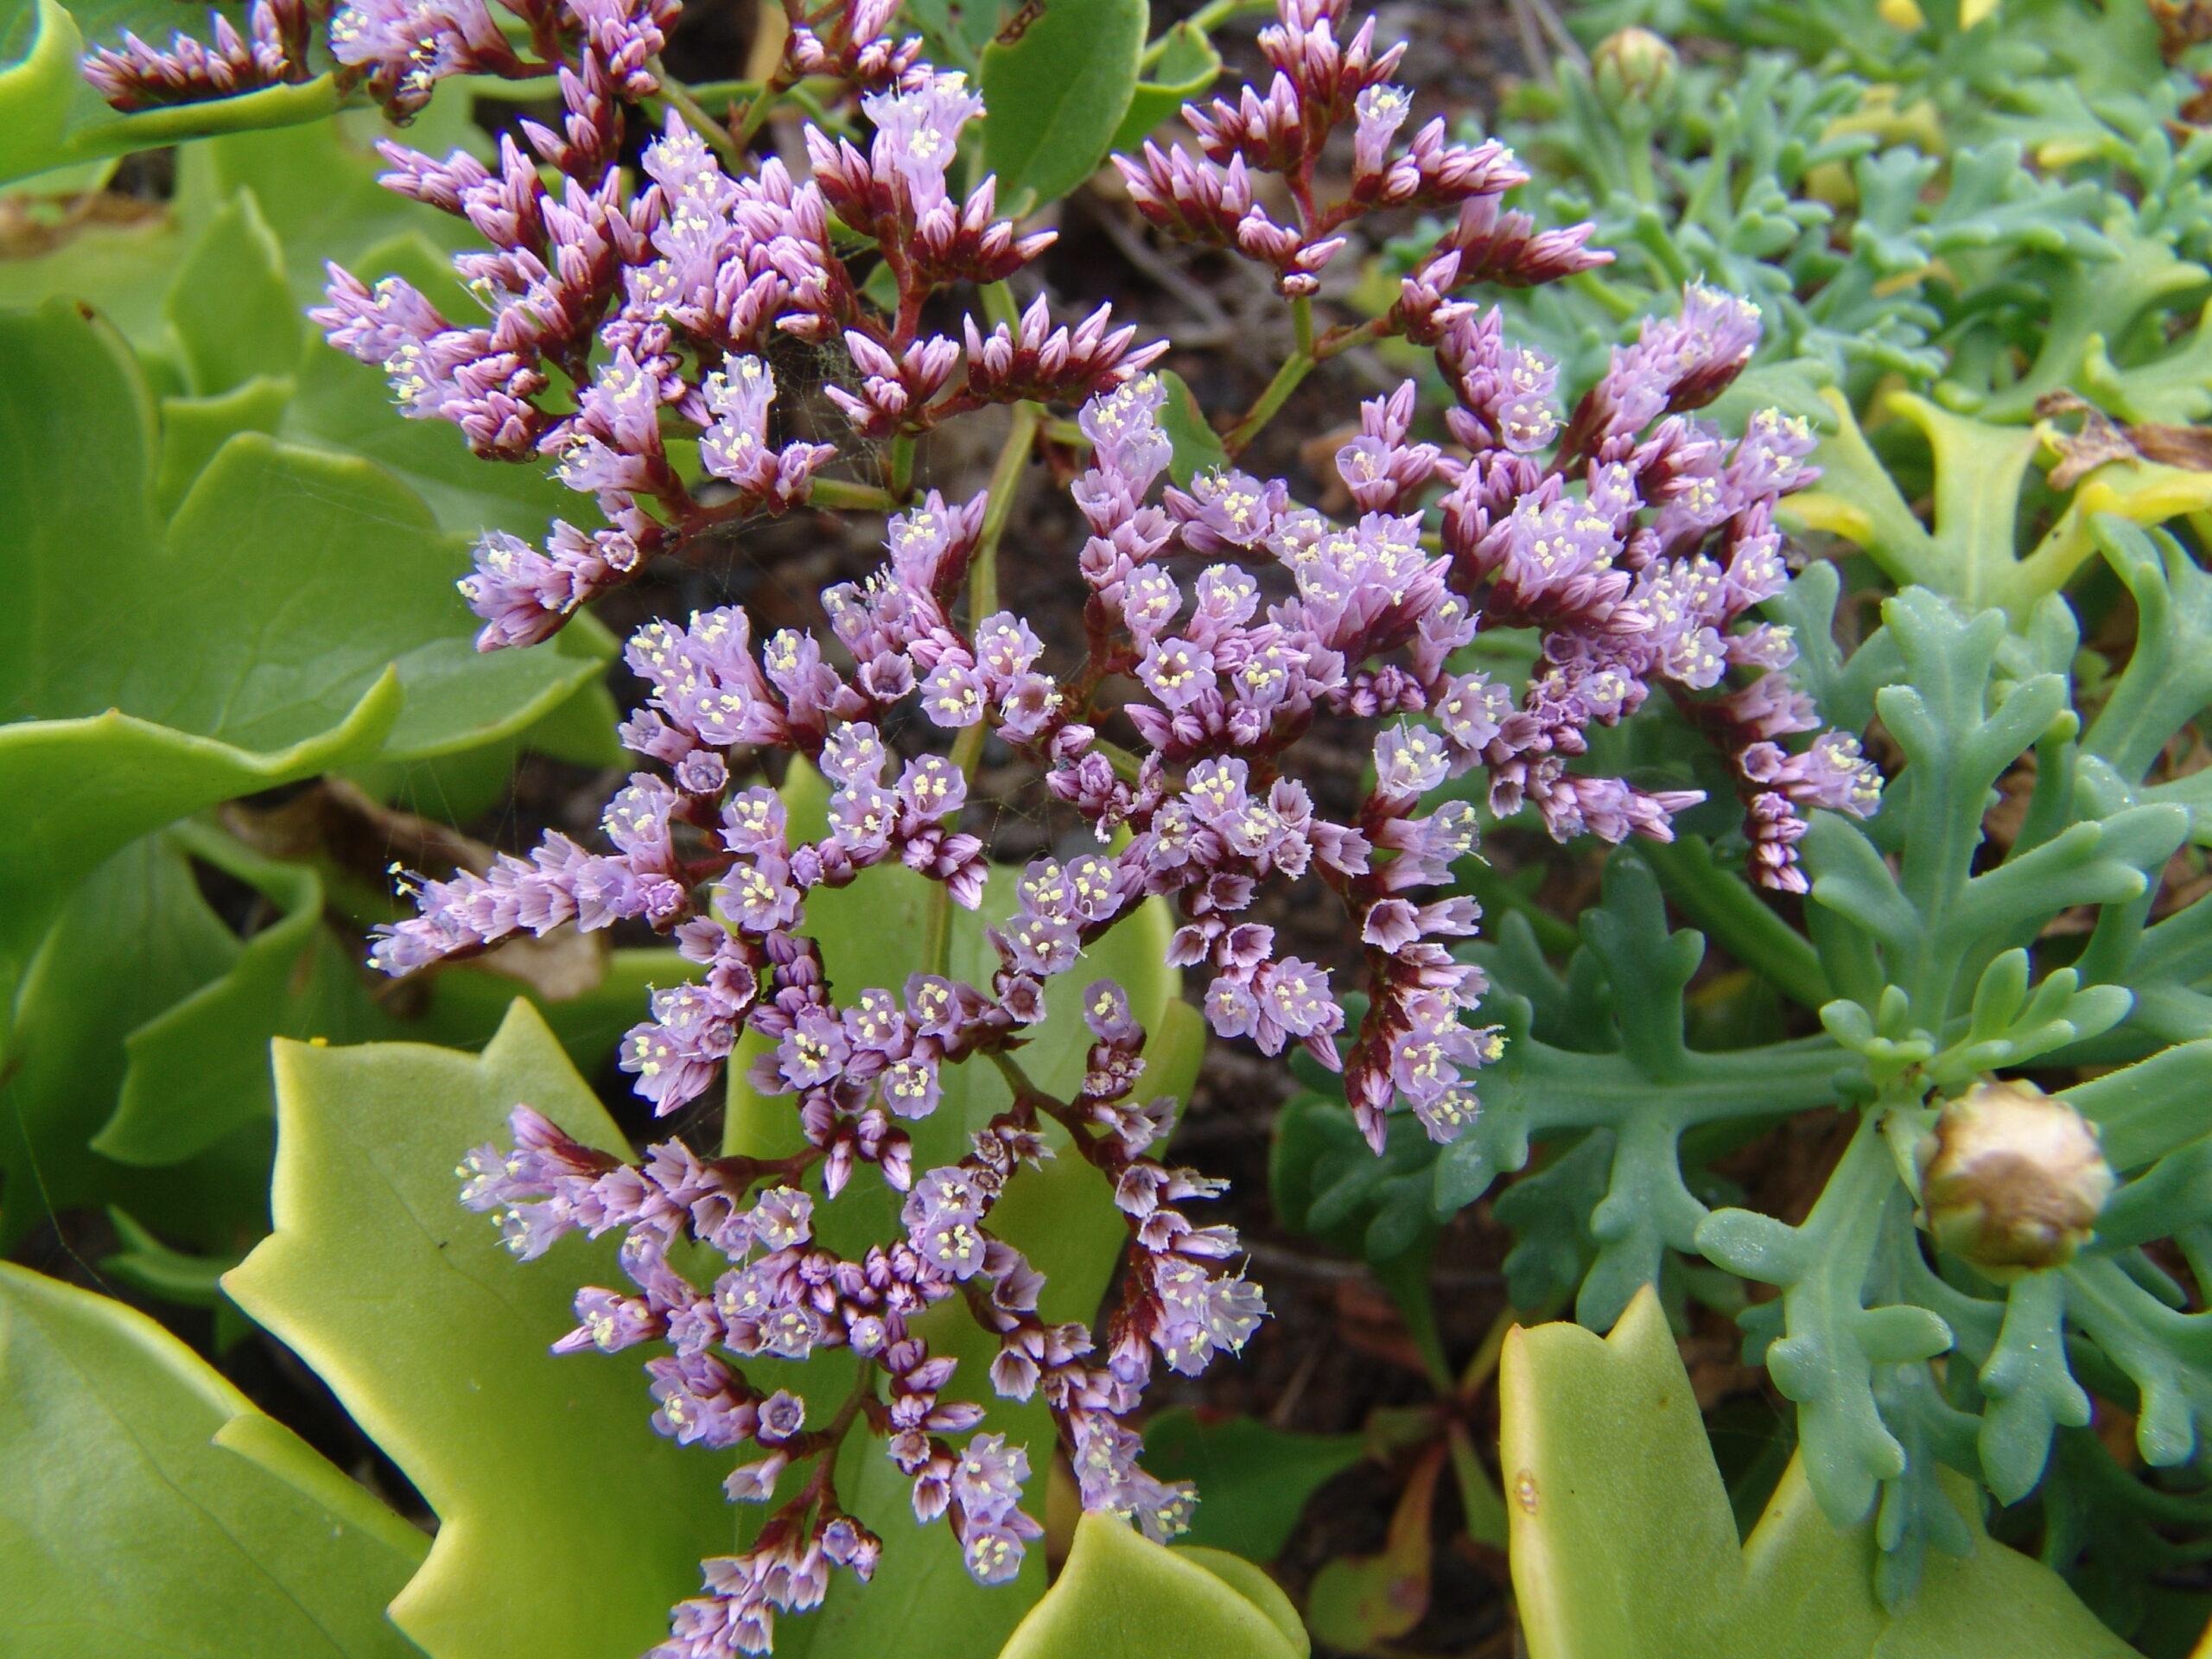 bcoafurfebrero-flores-1-099-limonium-pectinatum-2-scaled.jpg